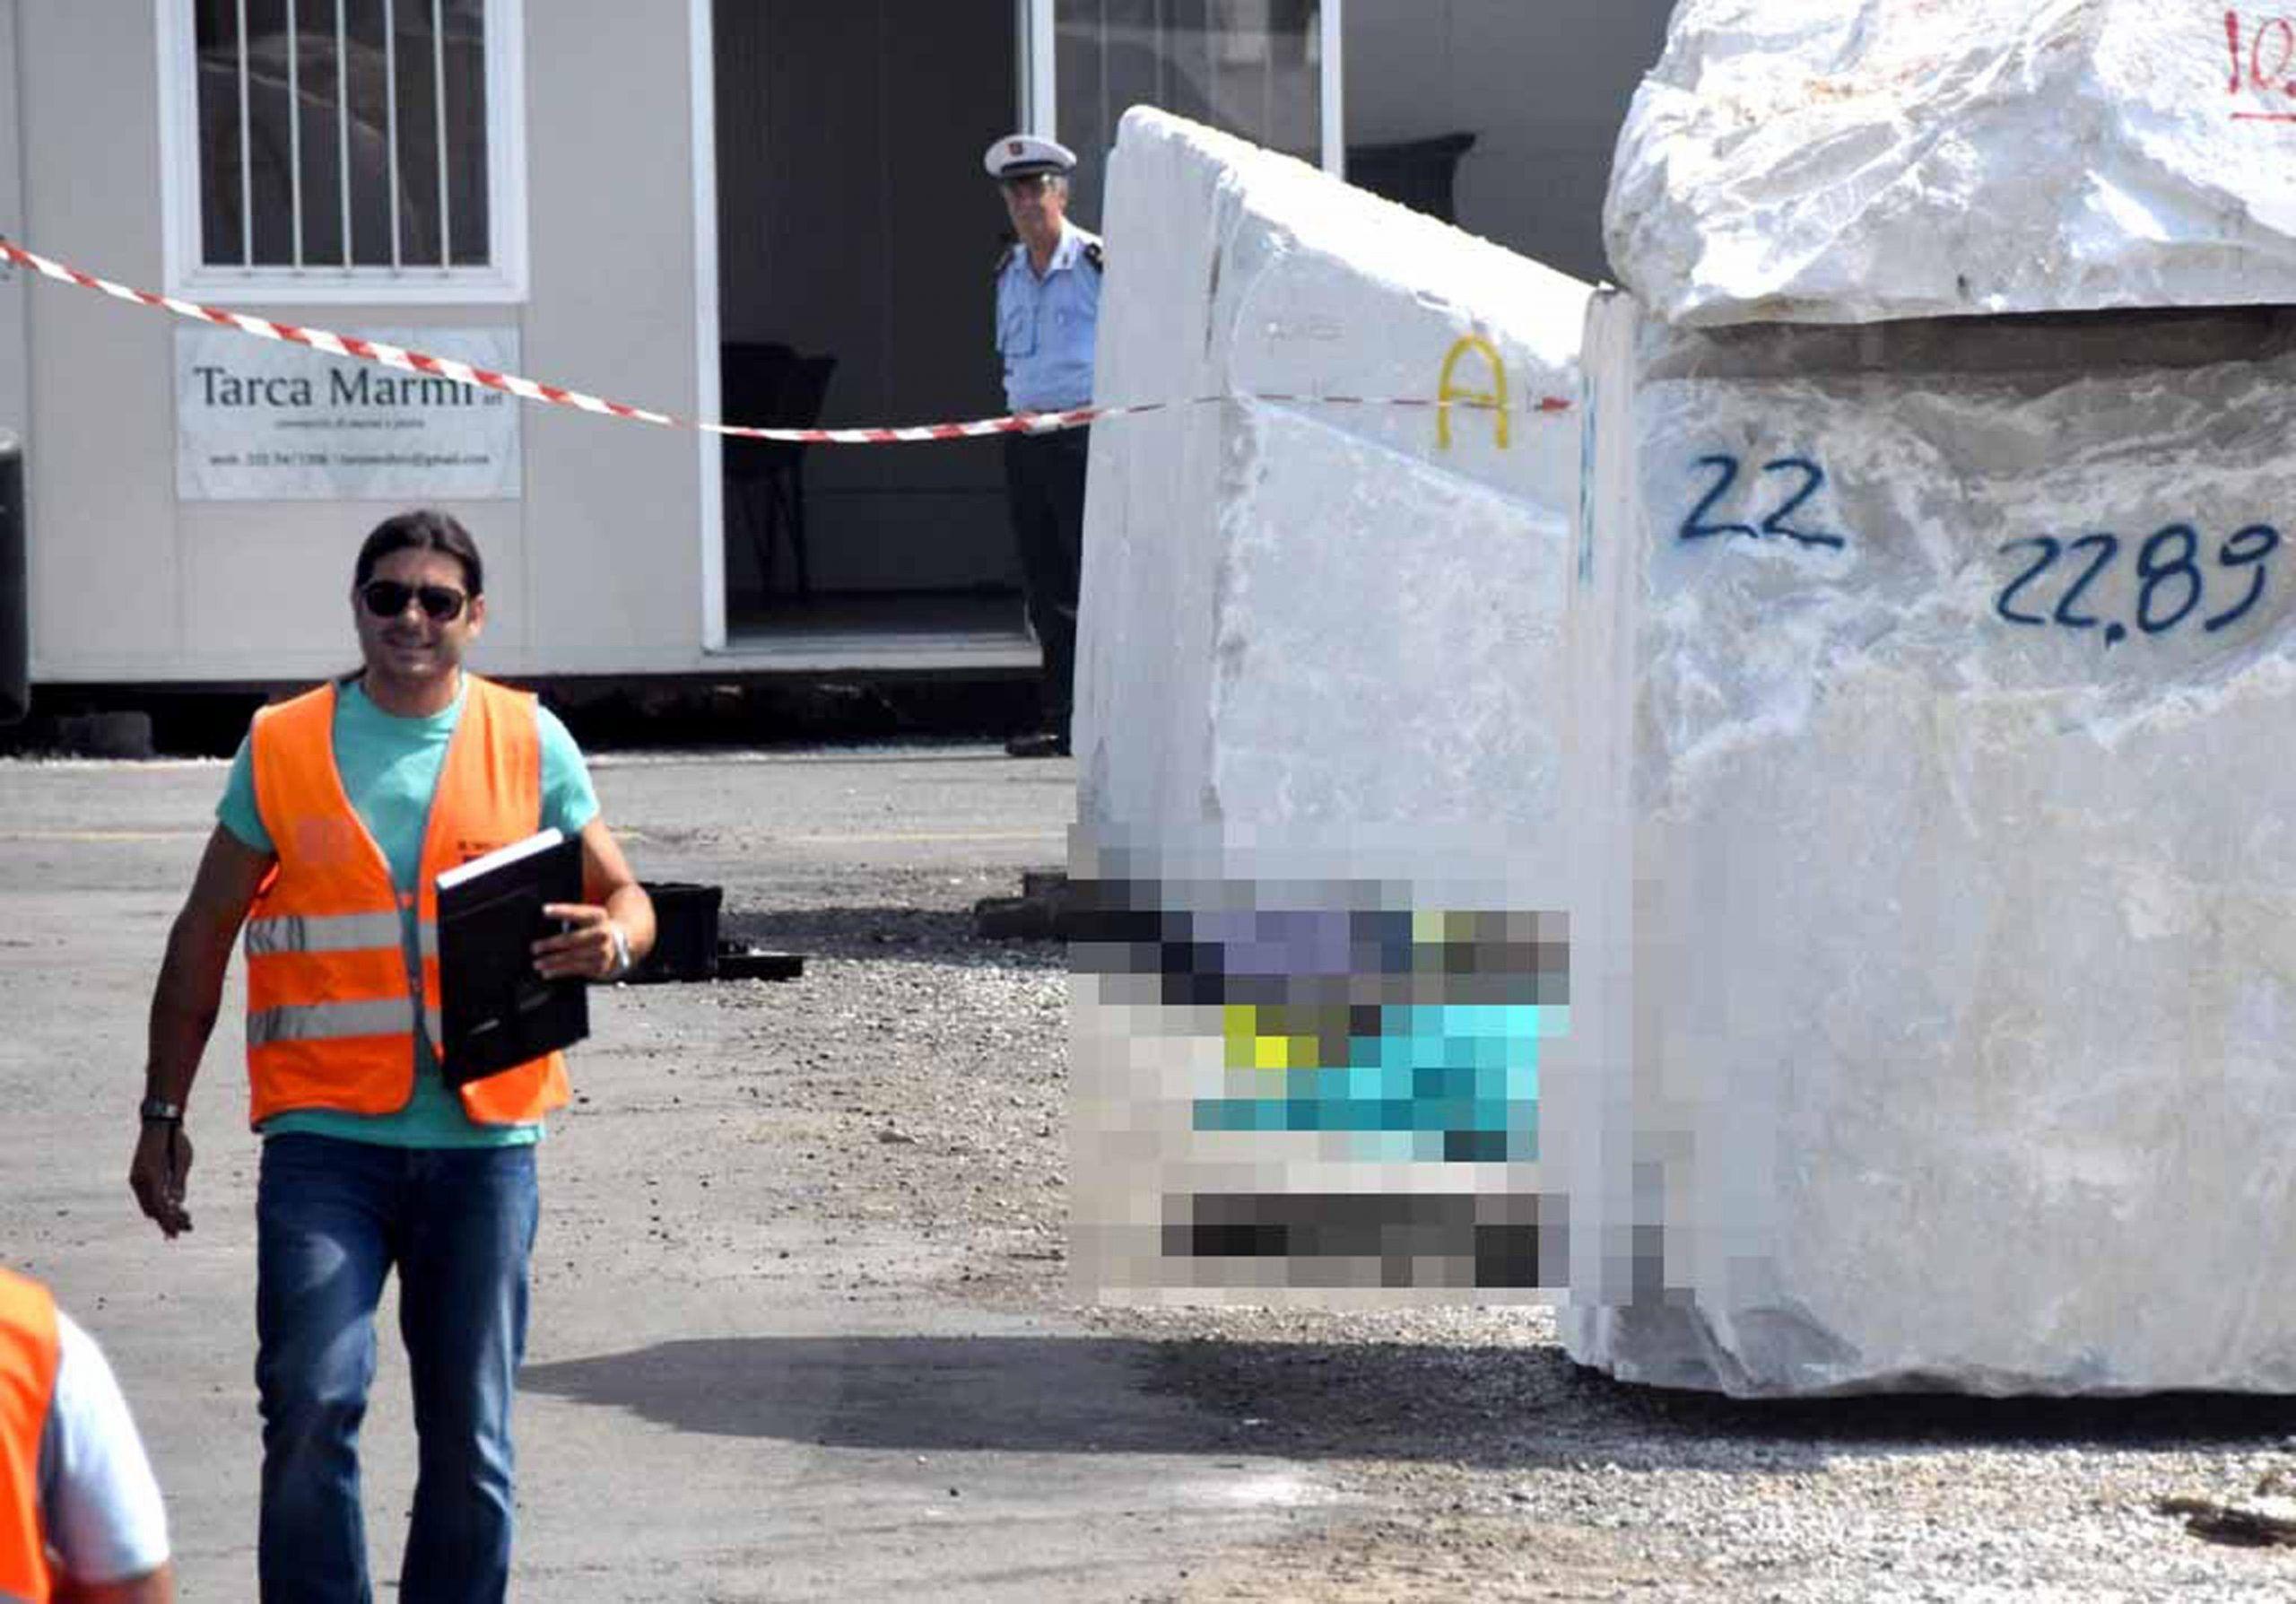 Si muove blocco di marmo, muore operaio a Marina di Carrara